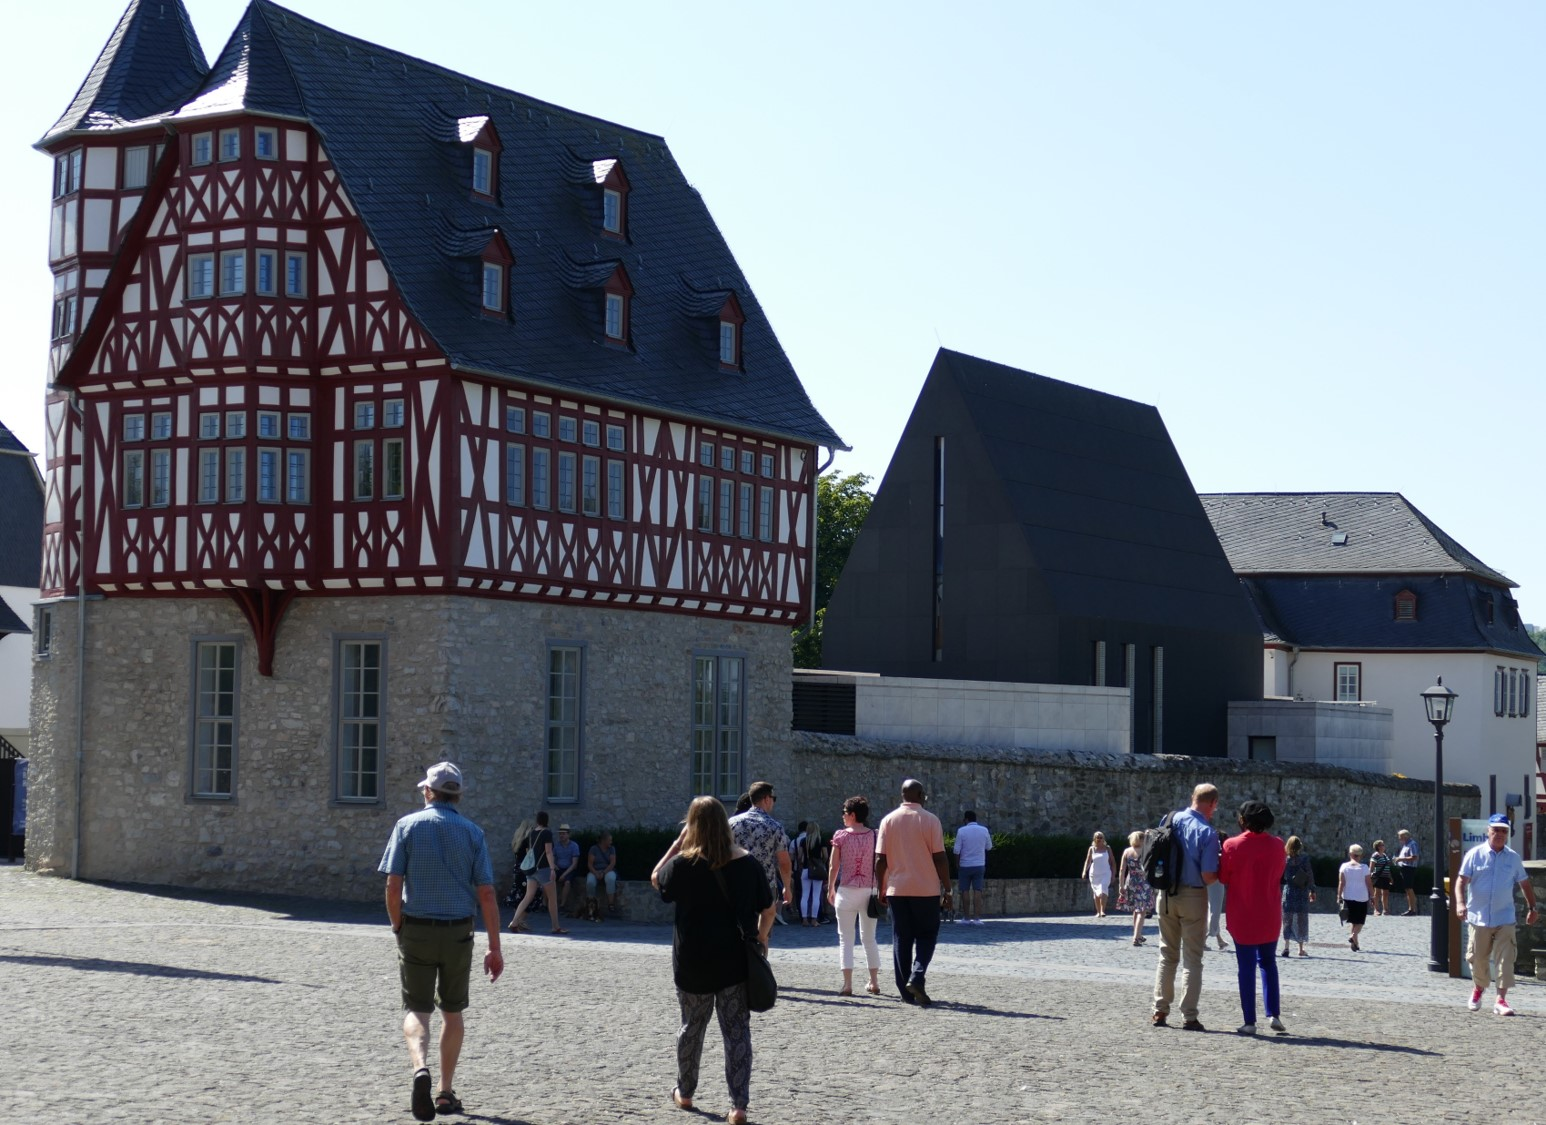 Bischofssitz von Limburg